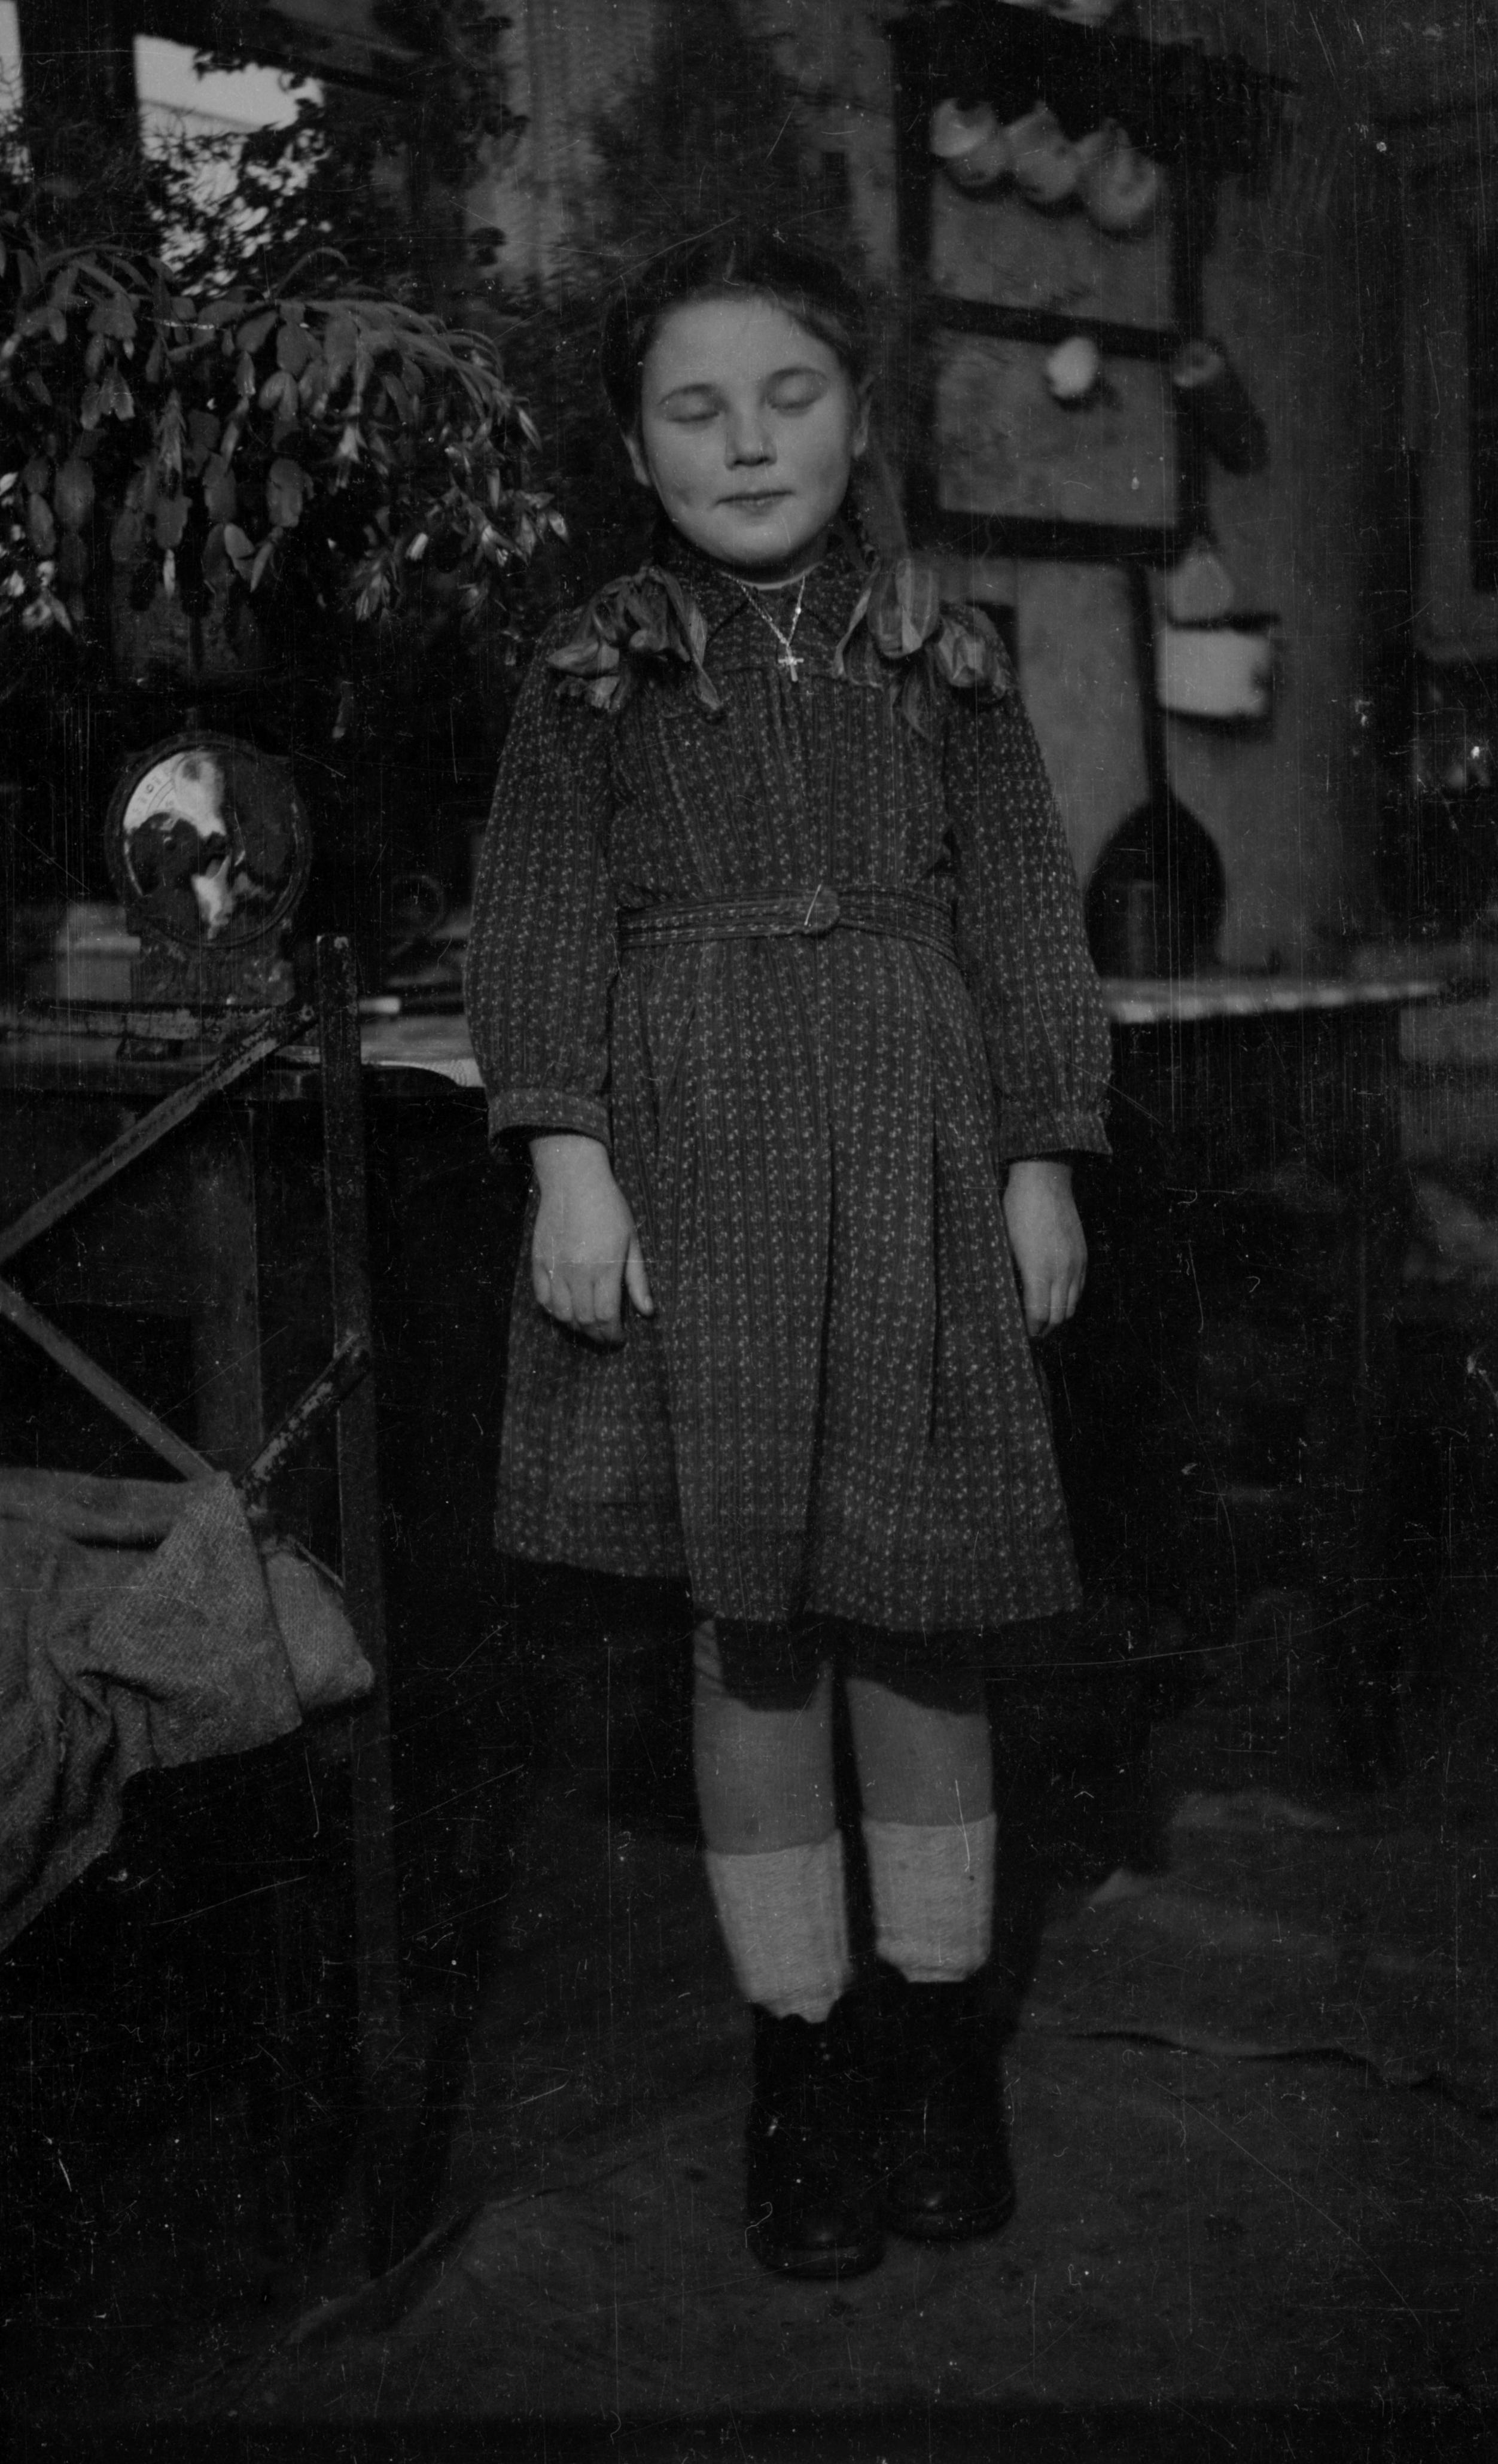 Zdjęcie dziewczynki, Dolny Śląsk, 2. poł. XX w.